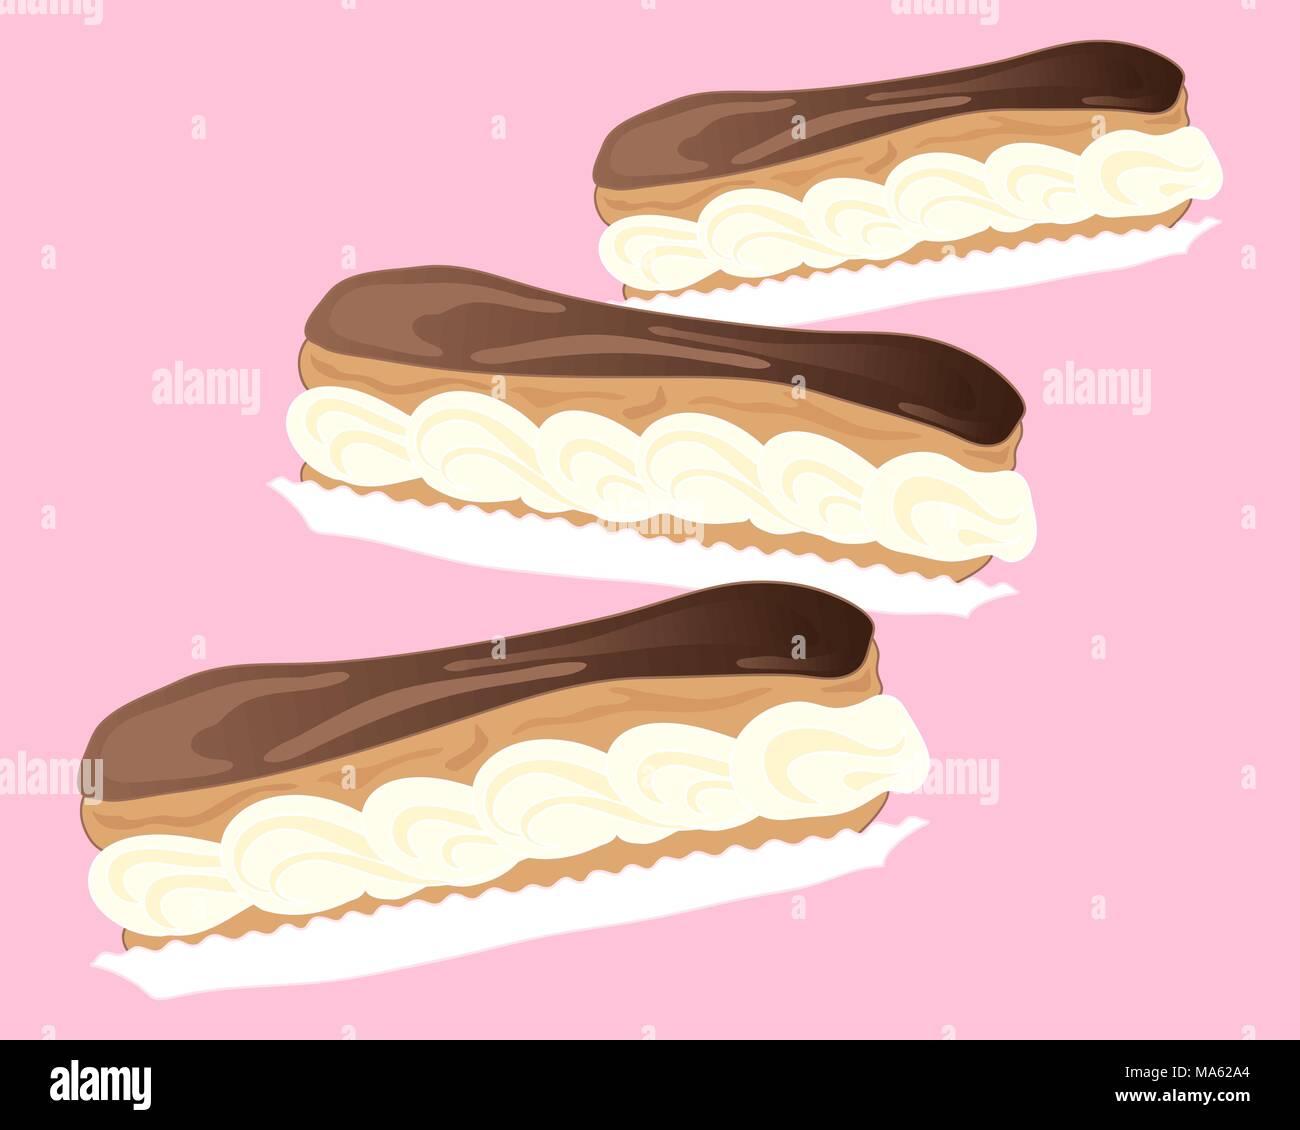 Una illustrazione vettoriale in formato eps di tre deliziose eclairs al cioccolato in formato astratta su una caramella sfondo rosa con spazio per il testo Immagini Stock